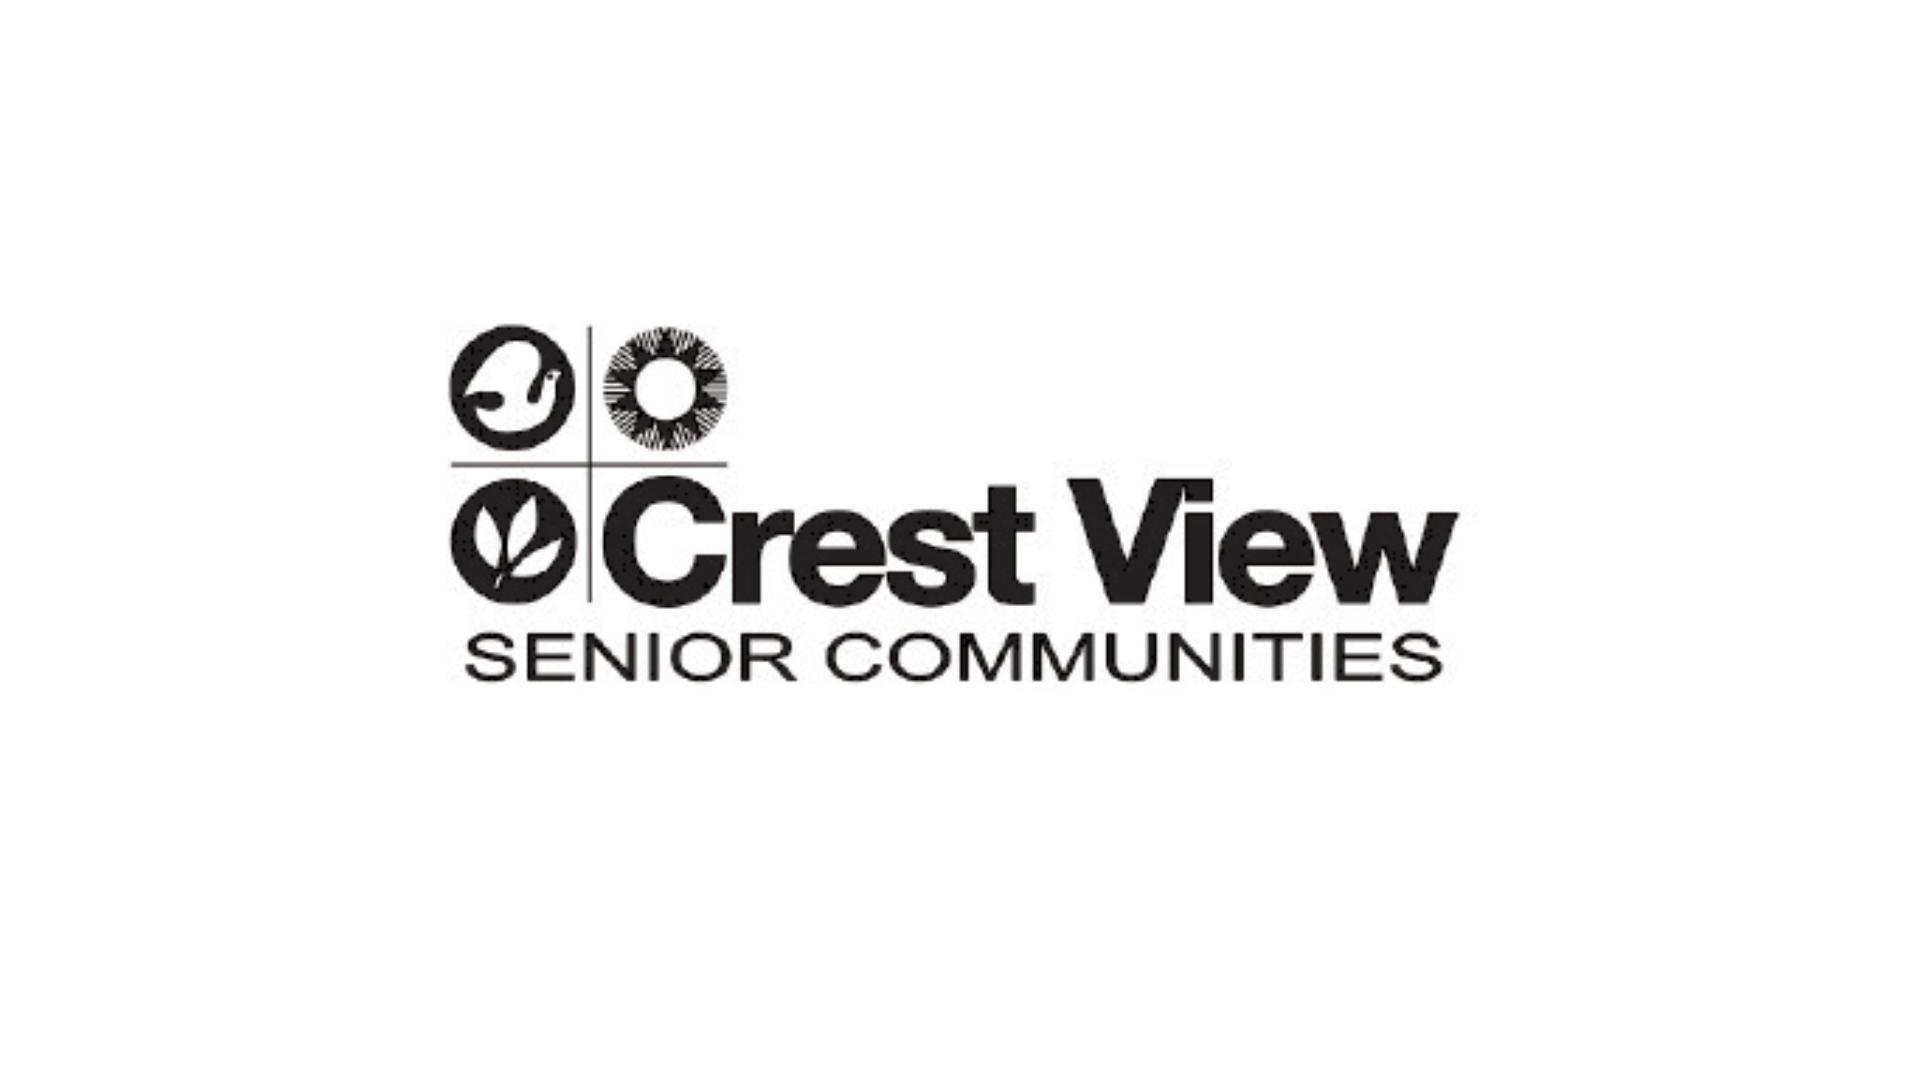 Crest View Senior Communities